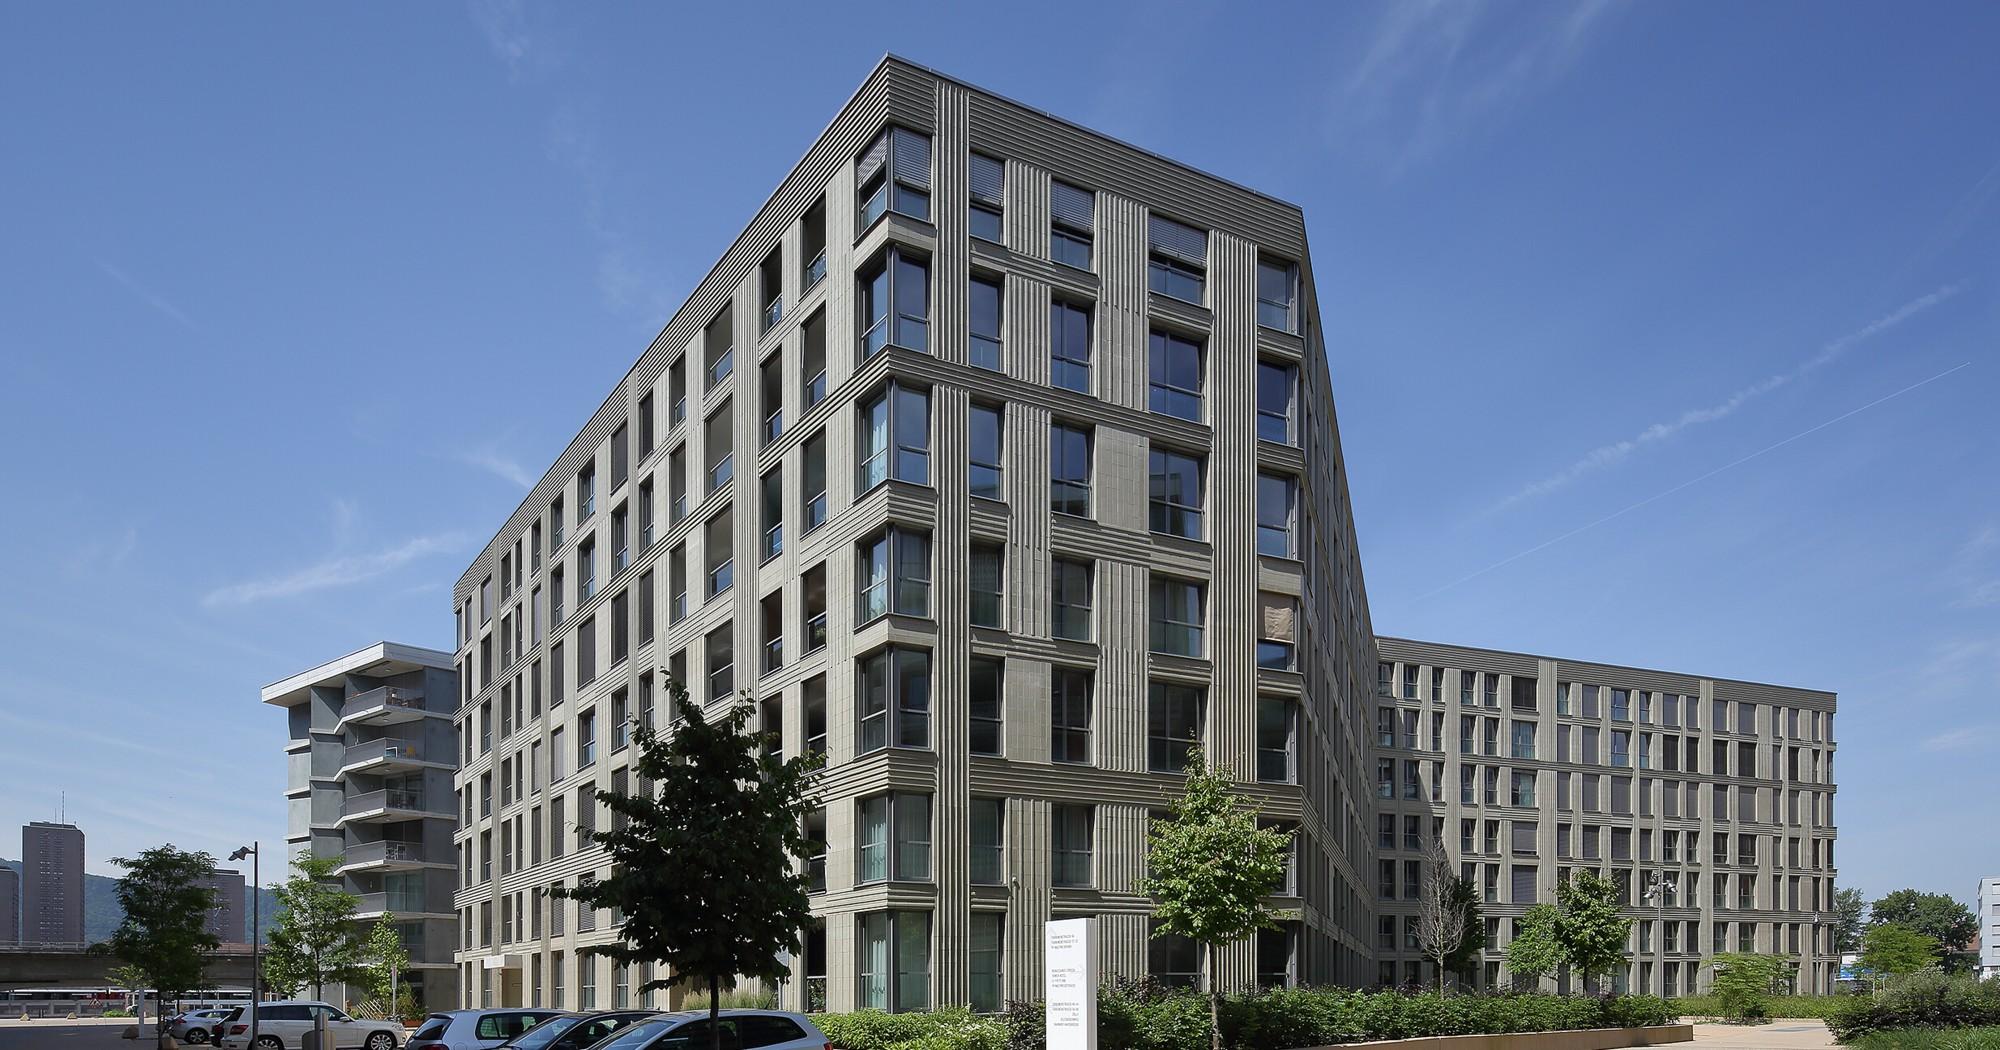 Projekt: Areal City West / Haus B Architekt: Meili, Peter Architekten Fassade: Ströher GmbH Ort: CH-Zürich Datum: 2015/05